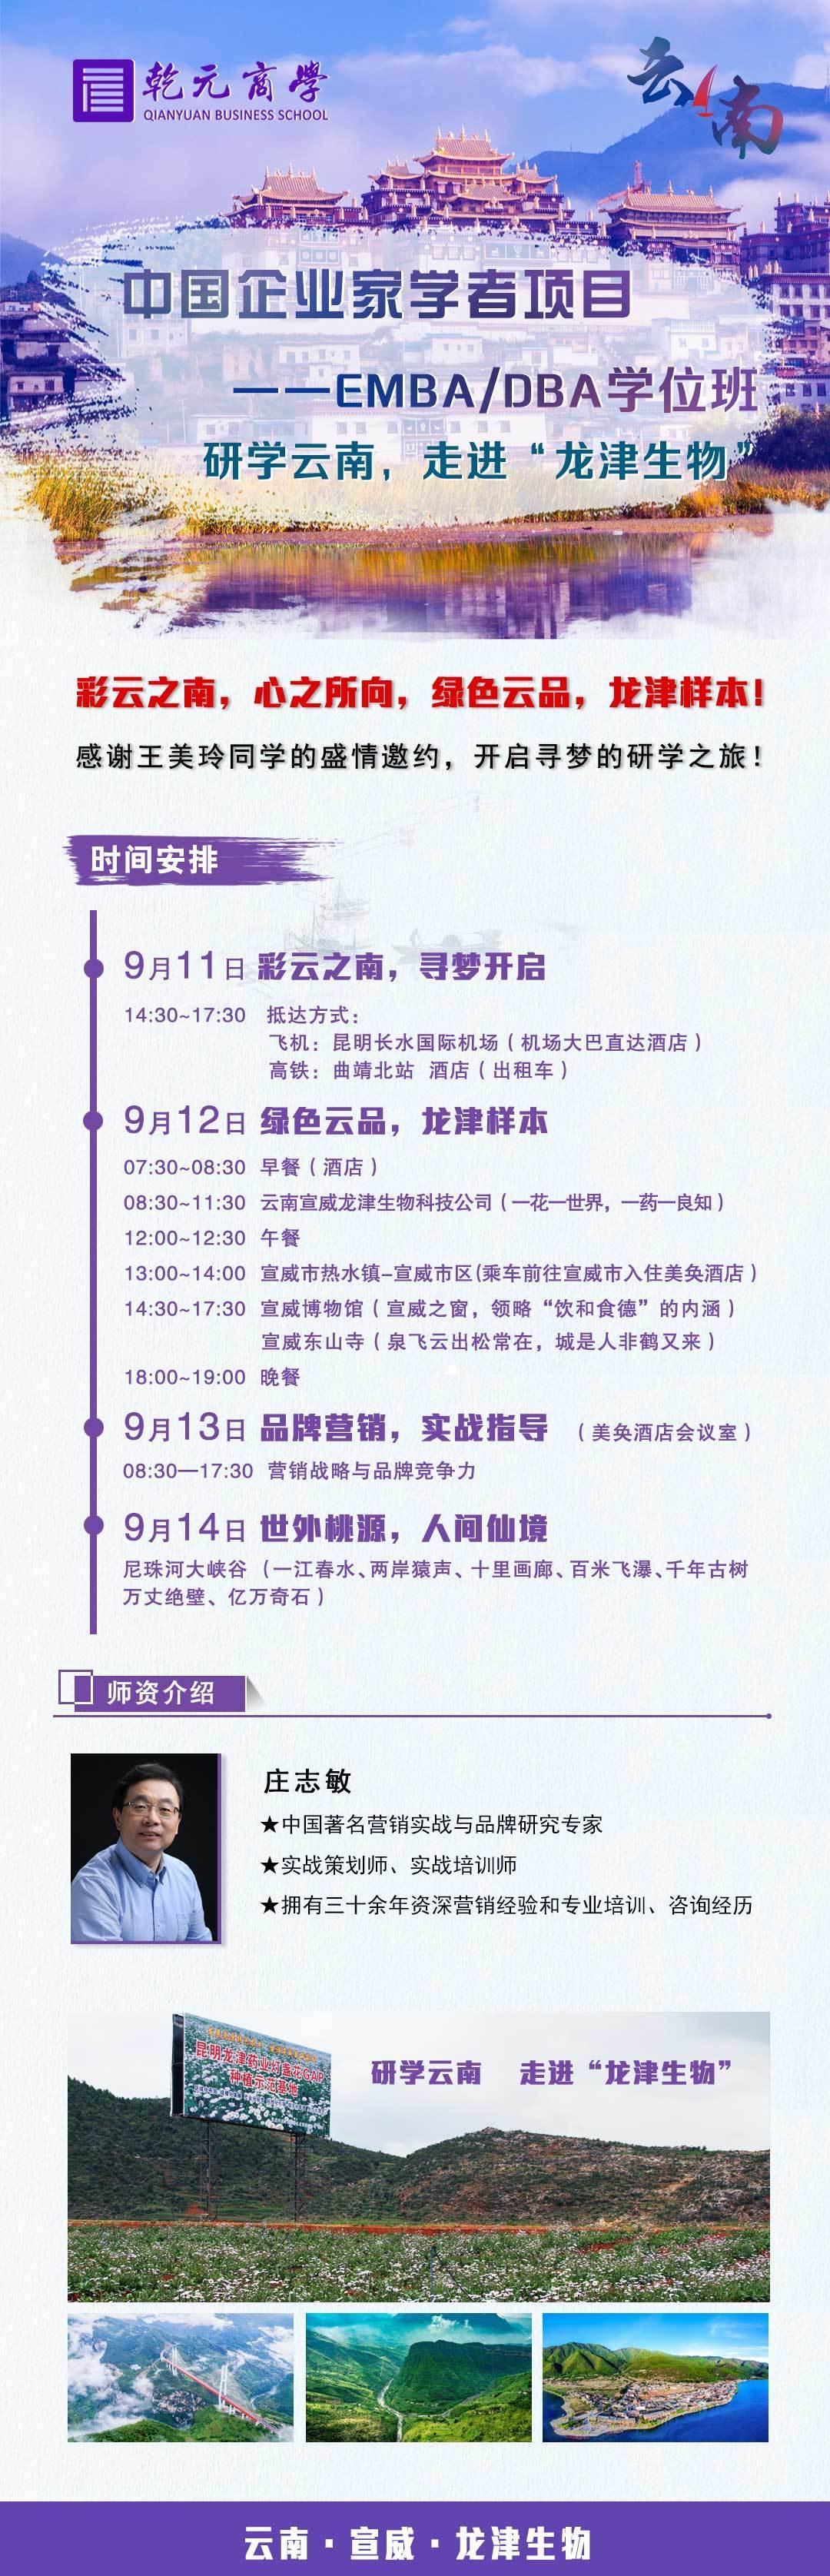 中国企业家学者项目-EMBA/DBA学位班9月云南研学通知